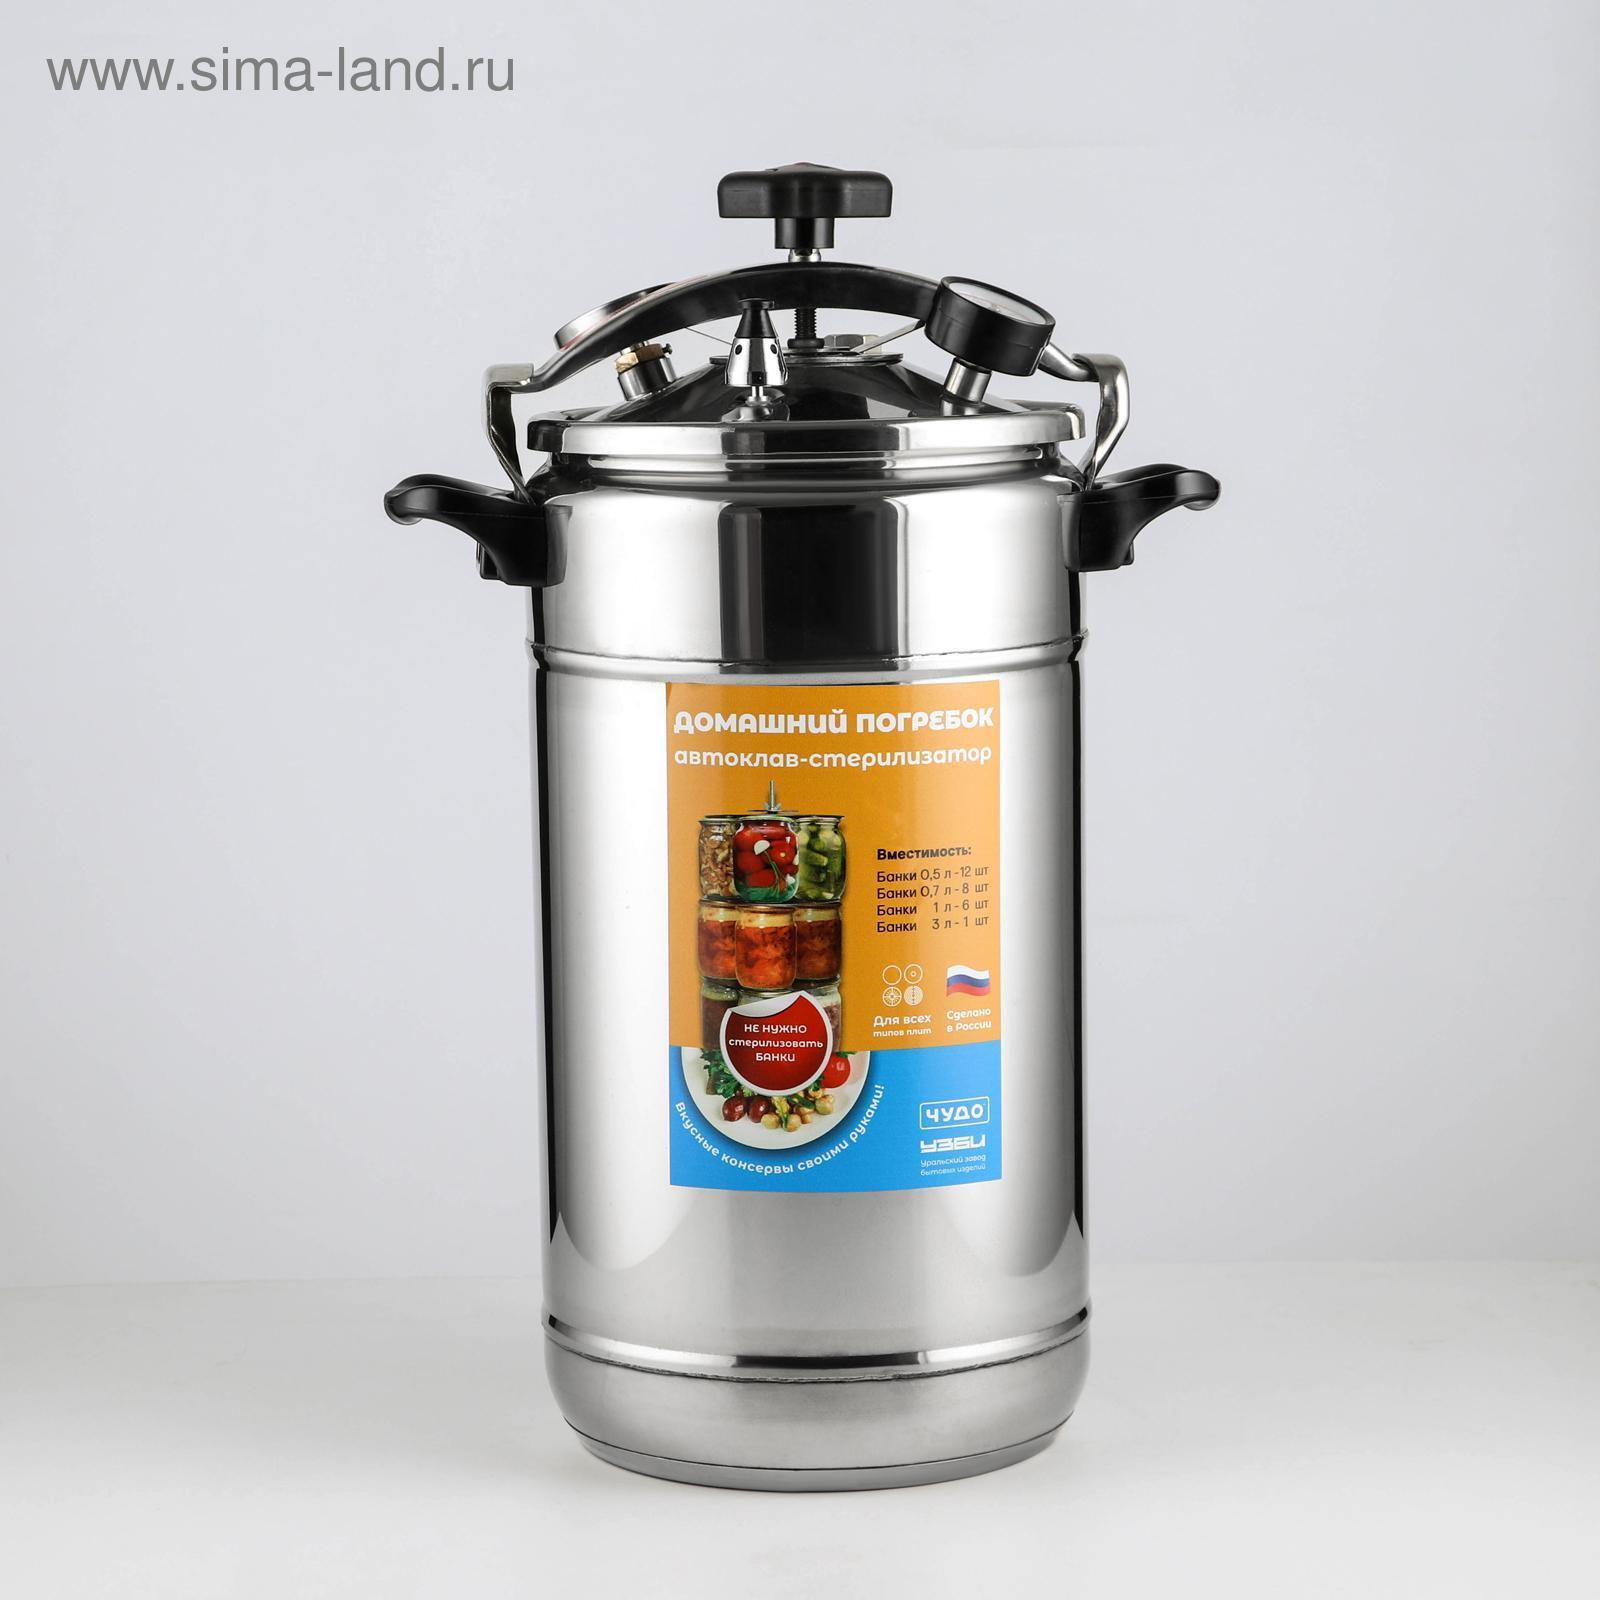 Автоклав 2 в 1 домашний погребок купить в москве купить самогонный апарат в красноярске